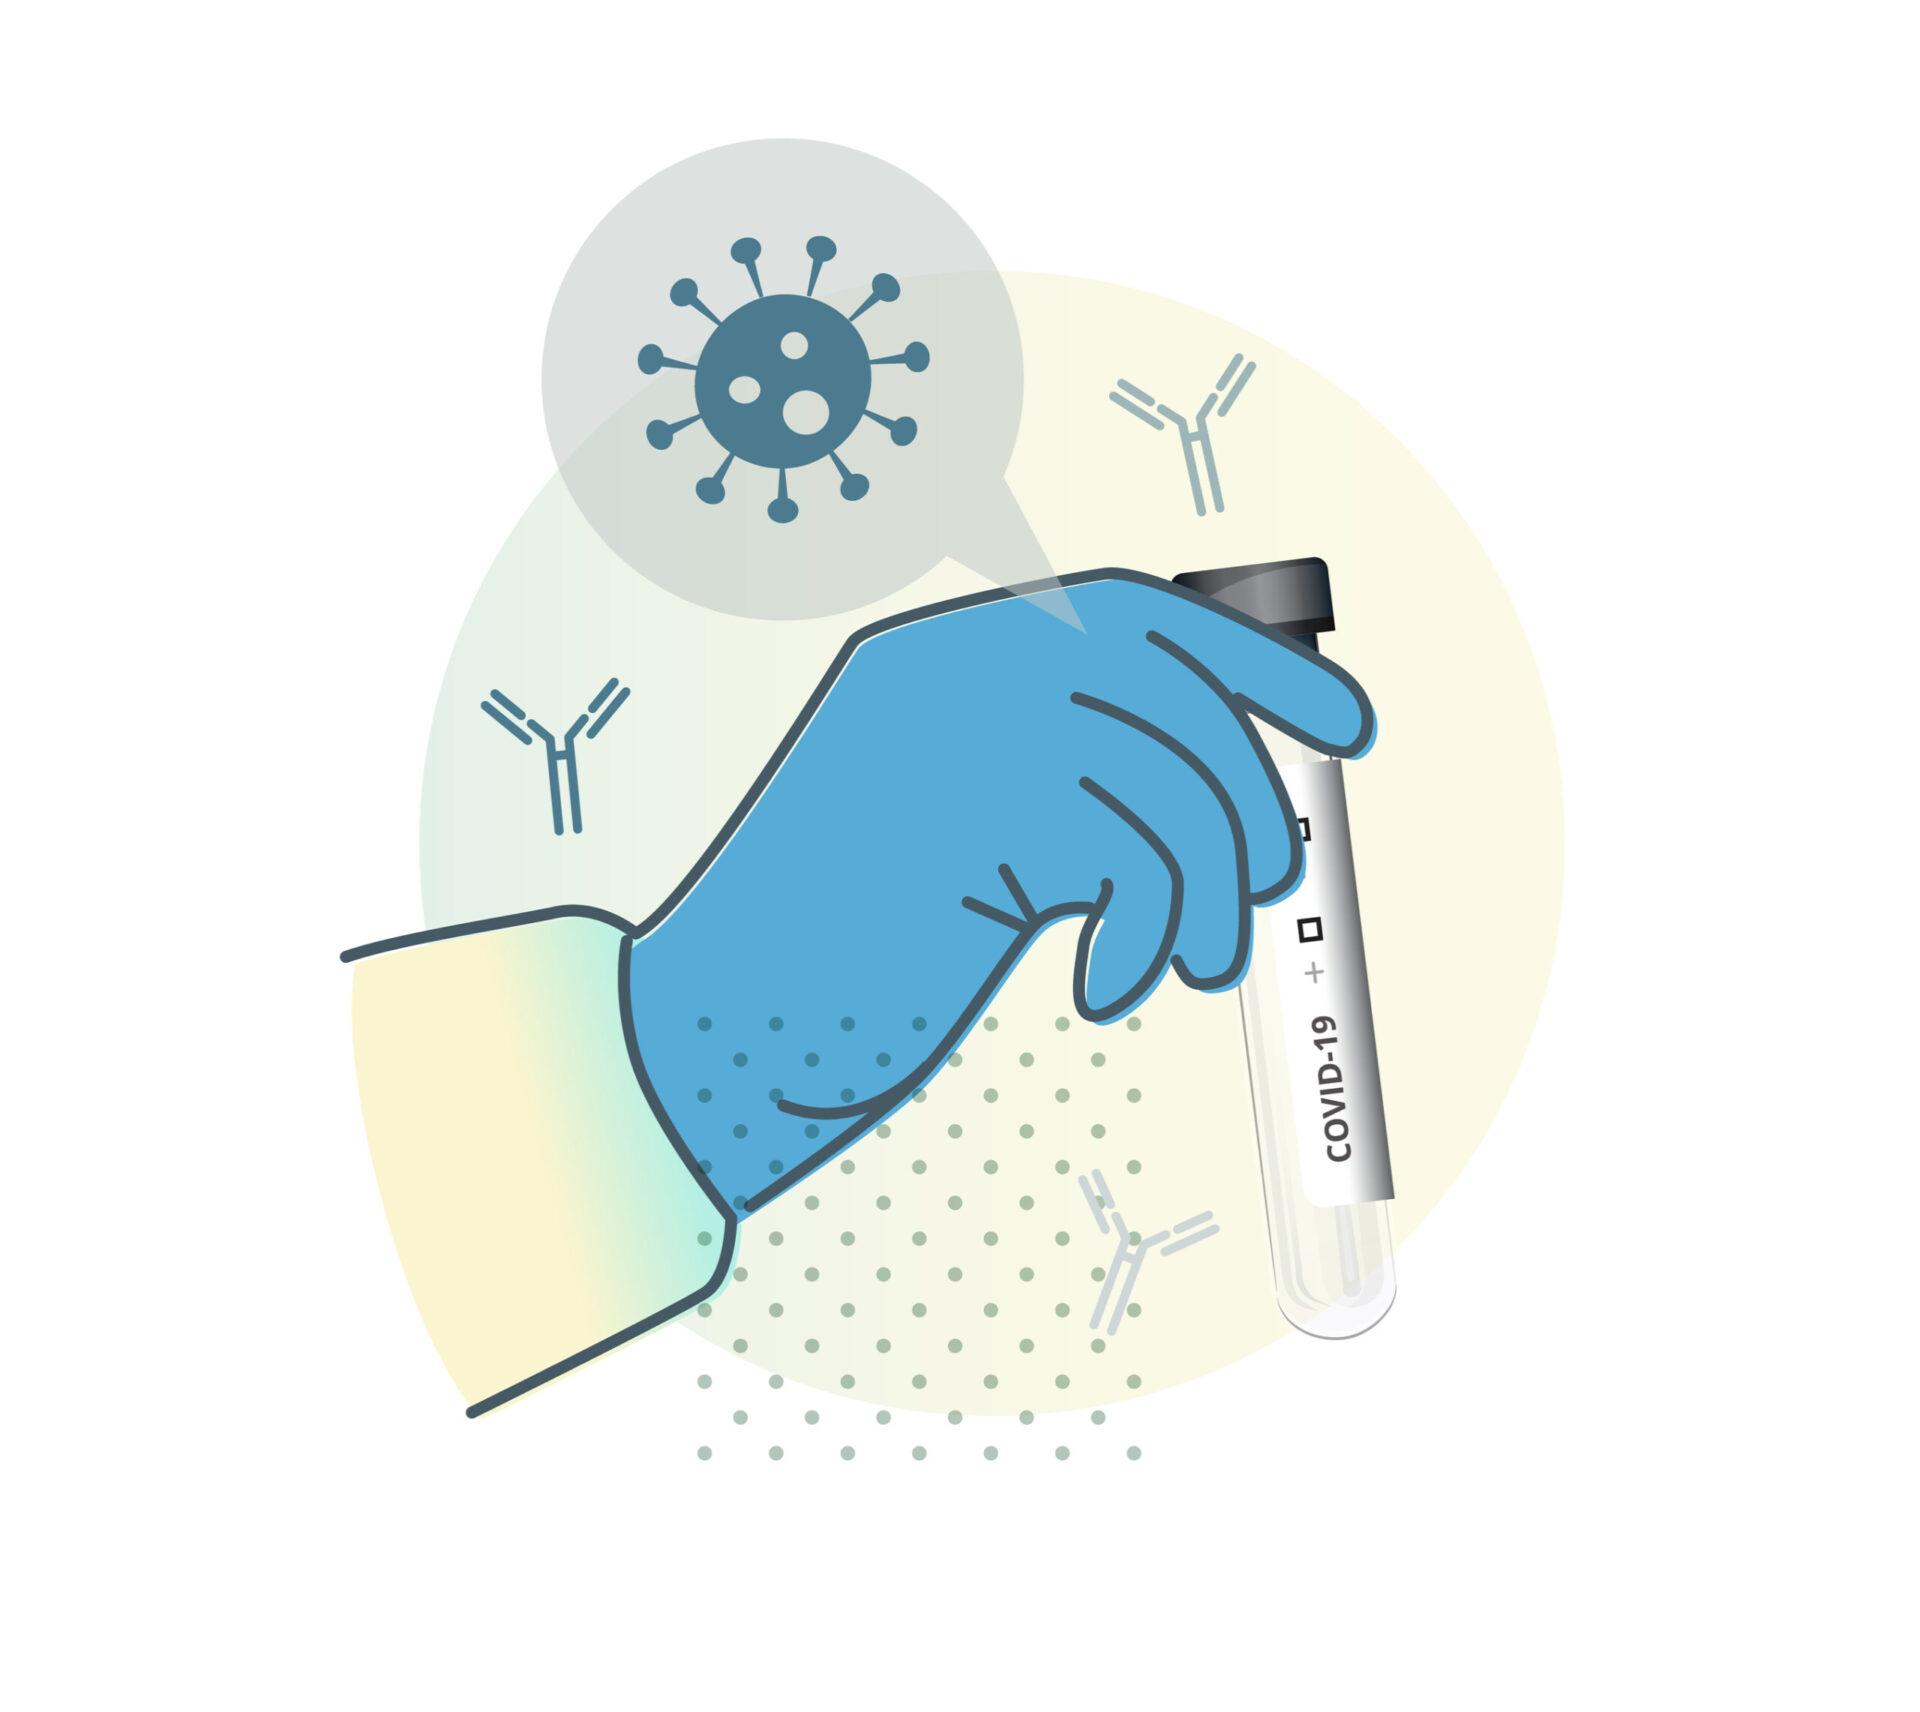 Anticorpii COVID după vaccinare se determină printr-o analiză de sânge Foto: Shutterstock